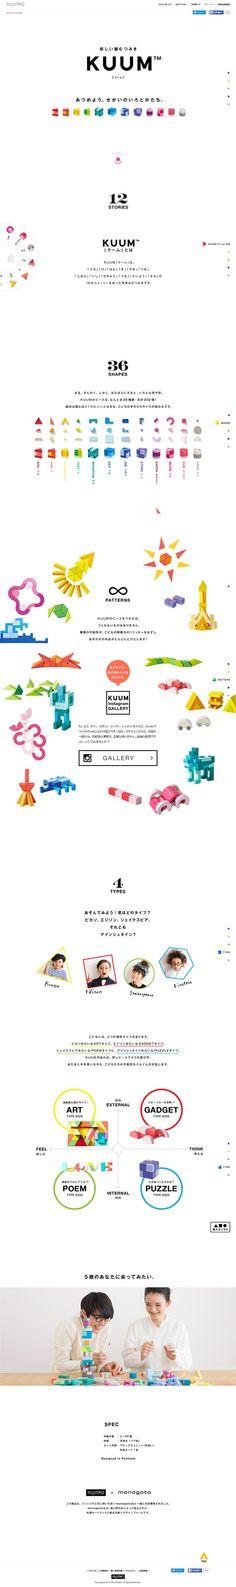 ランディングページ LP KUUM|キッズ・ベビー・玩具|自社サイト